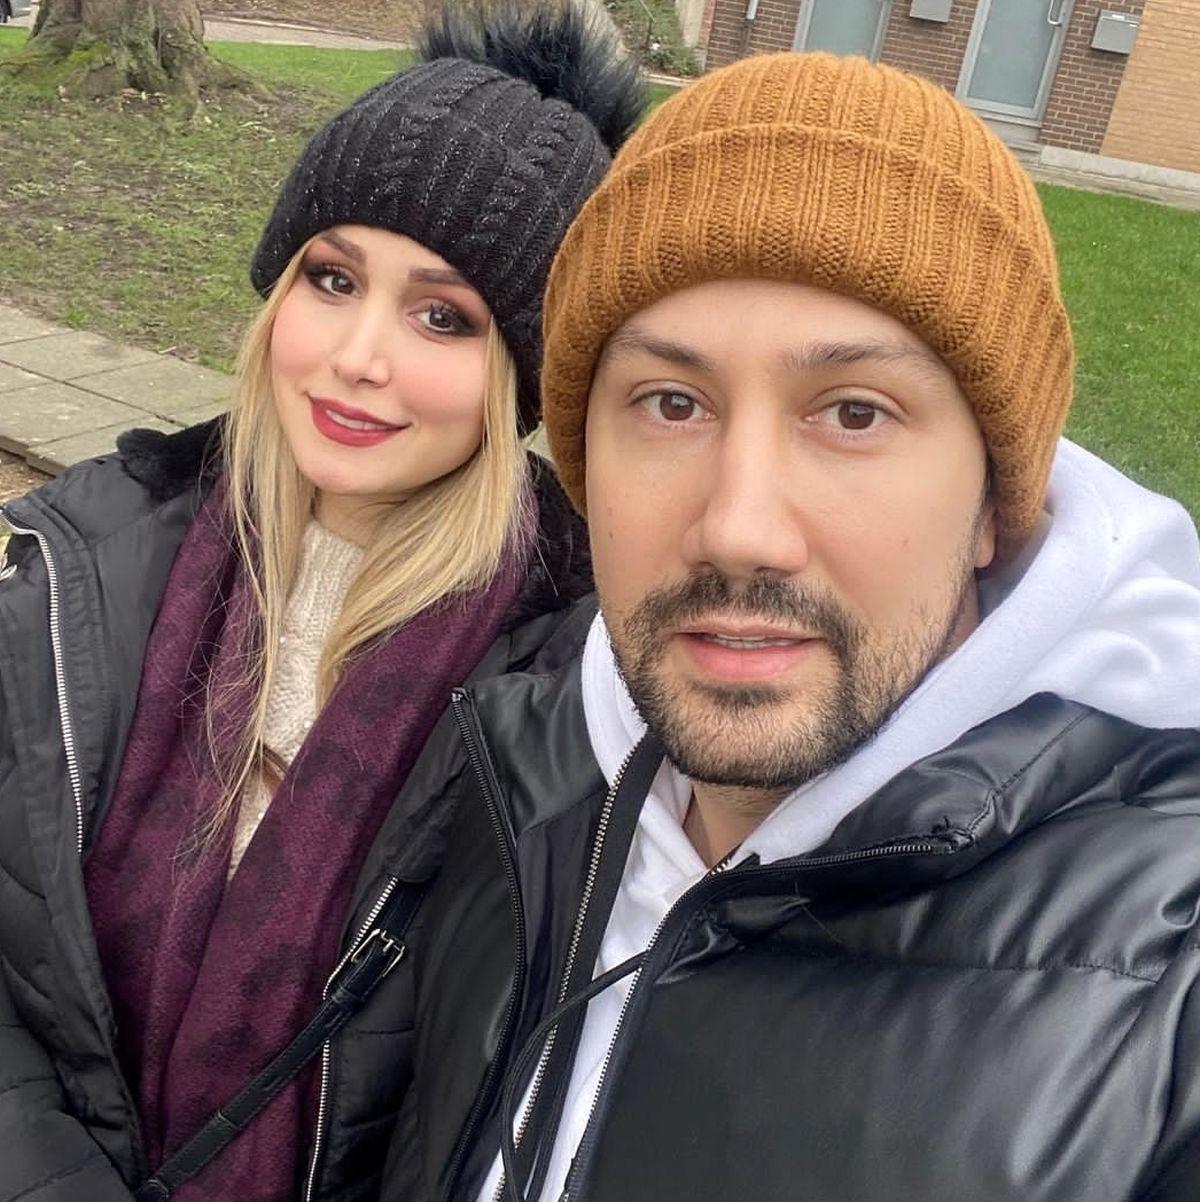 سلفی شاهرخ استخری با دخترش + عکس